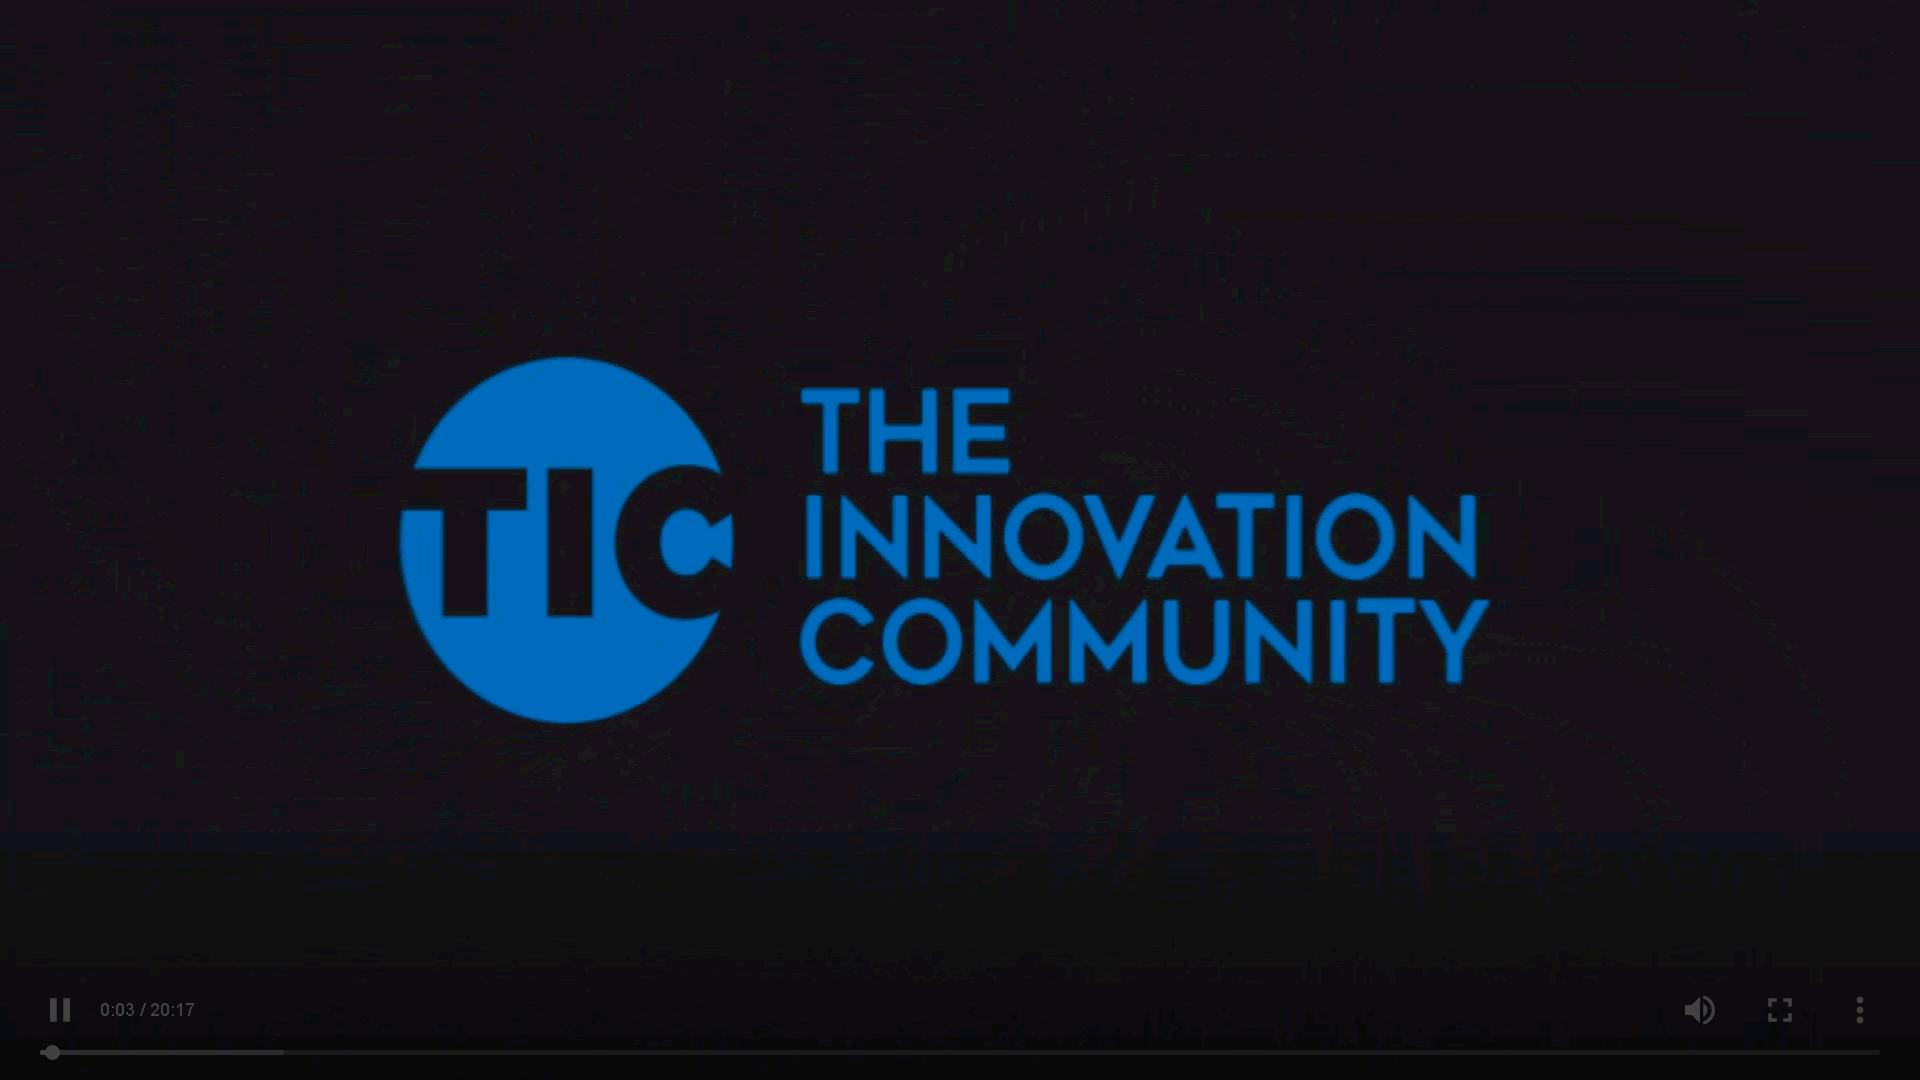 TheInnovationCommunity